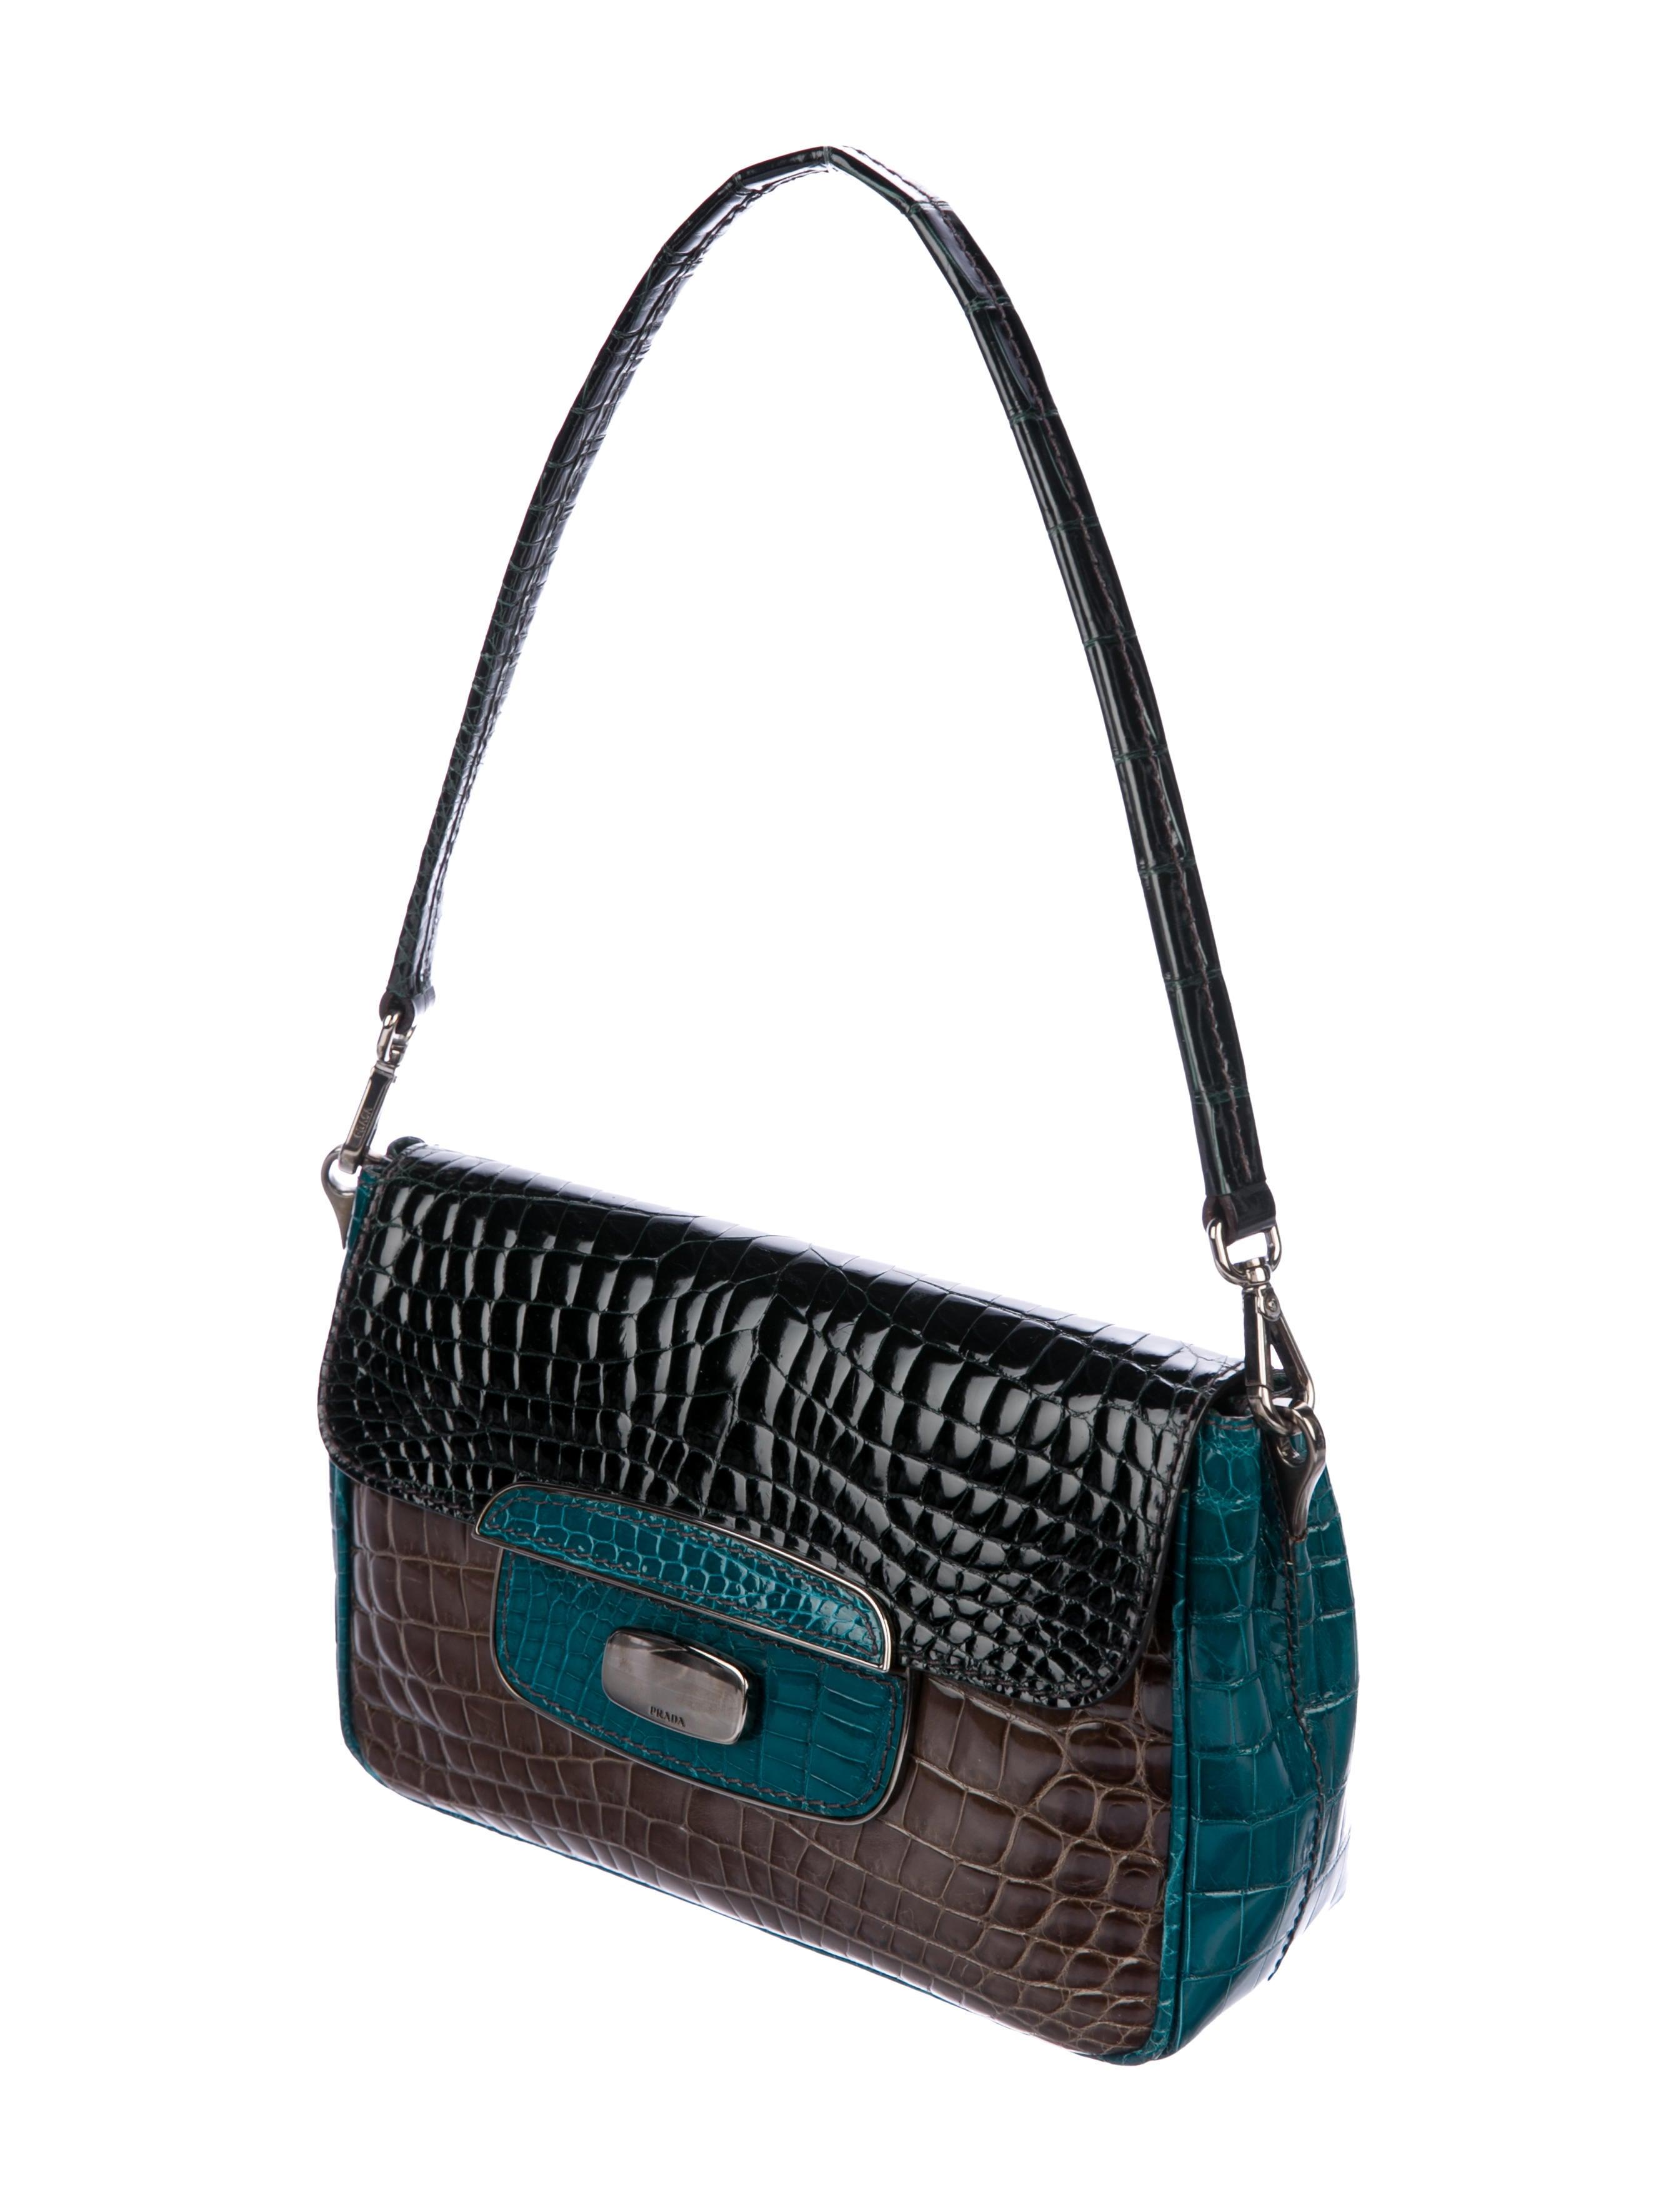 Lock Crocodile Bag Push Bag Crocodile Lock Prada Prada Push Prada